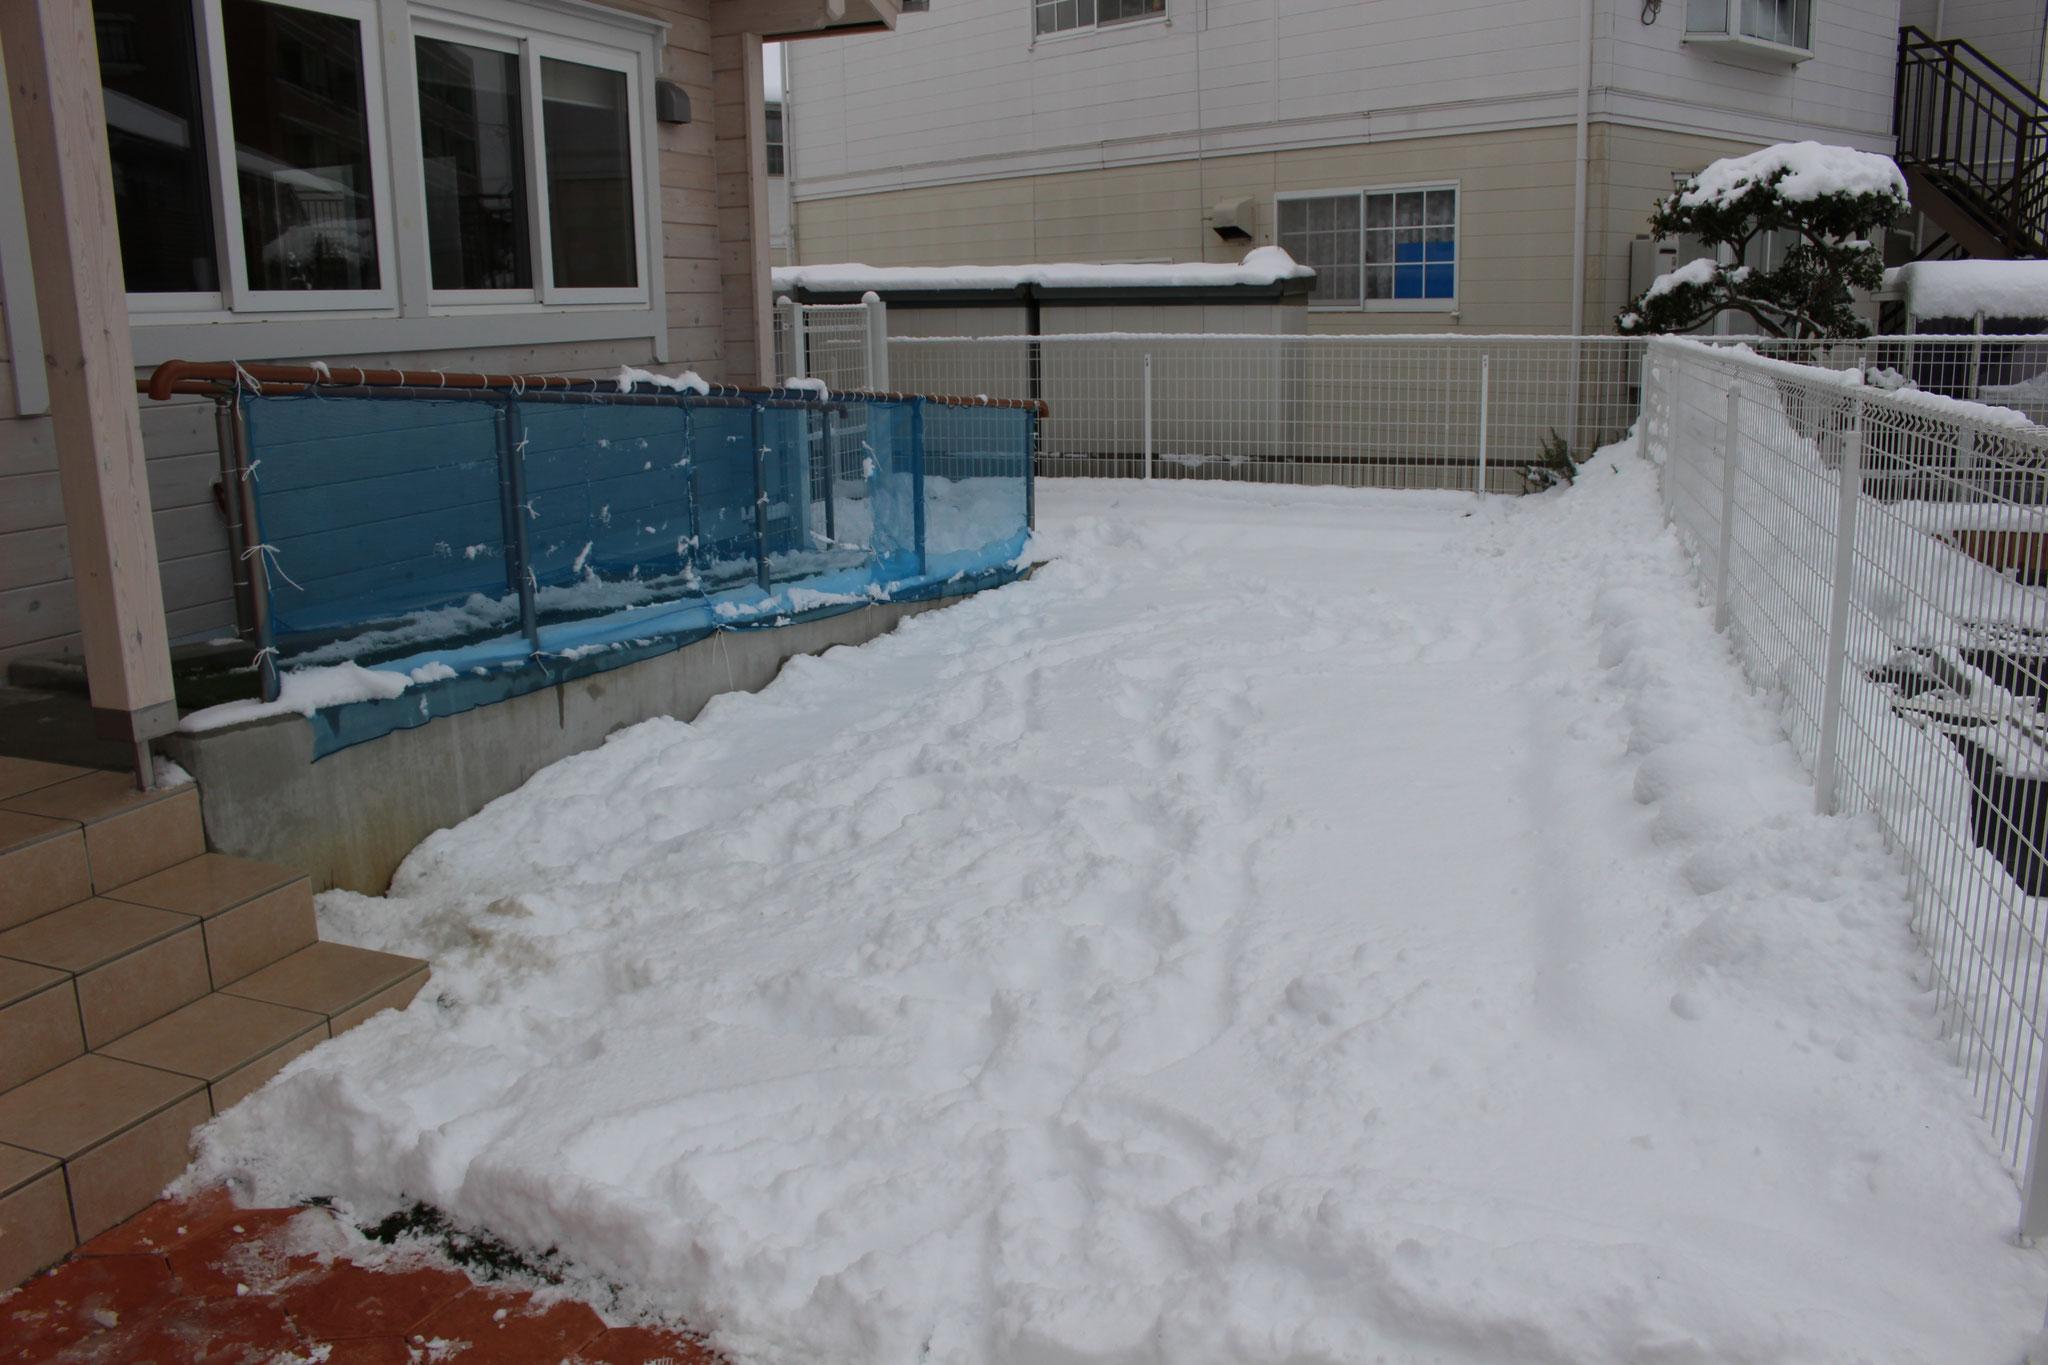 園庭には ふかふかの 雪で 一面が 真っ白です スノーパウダーみたいです😊